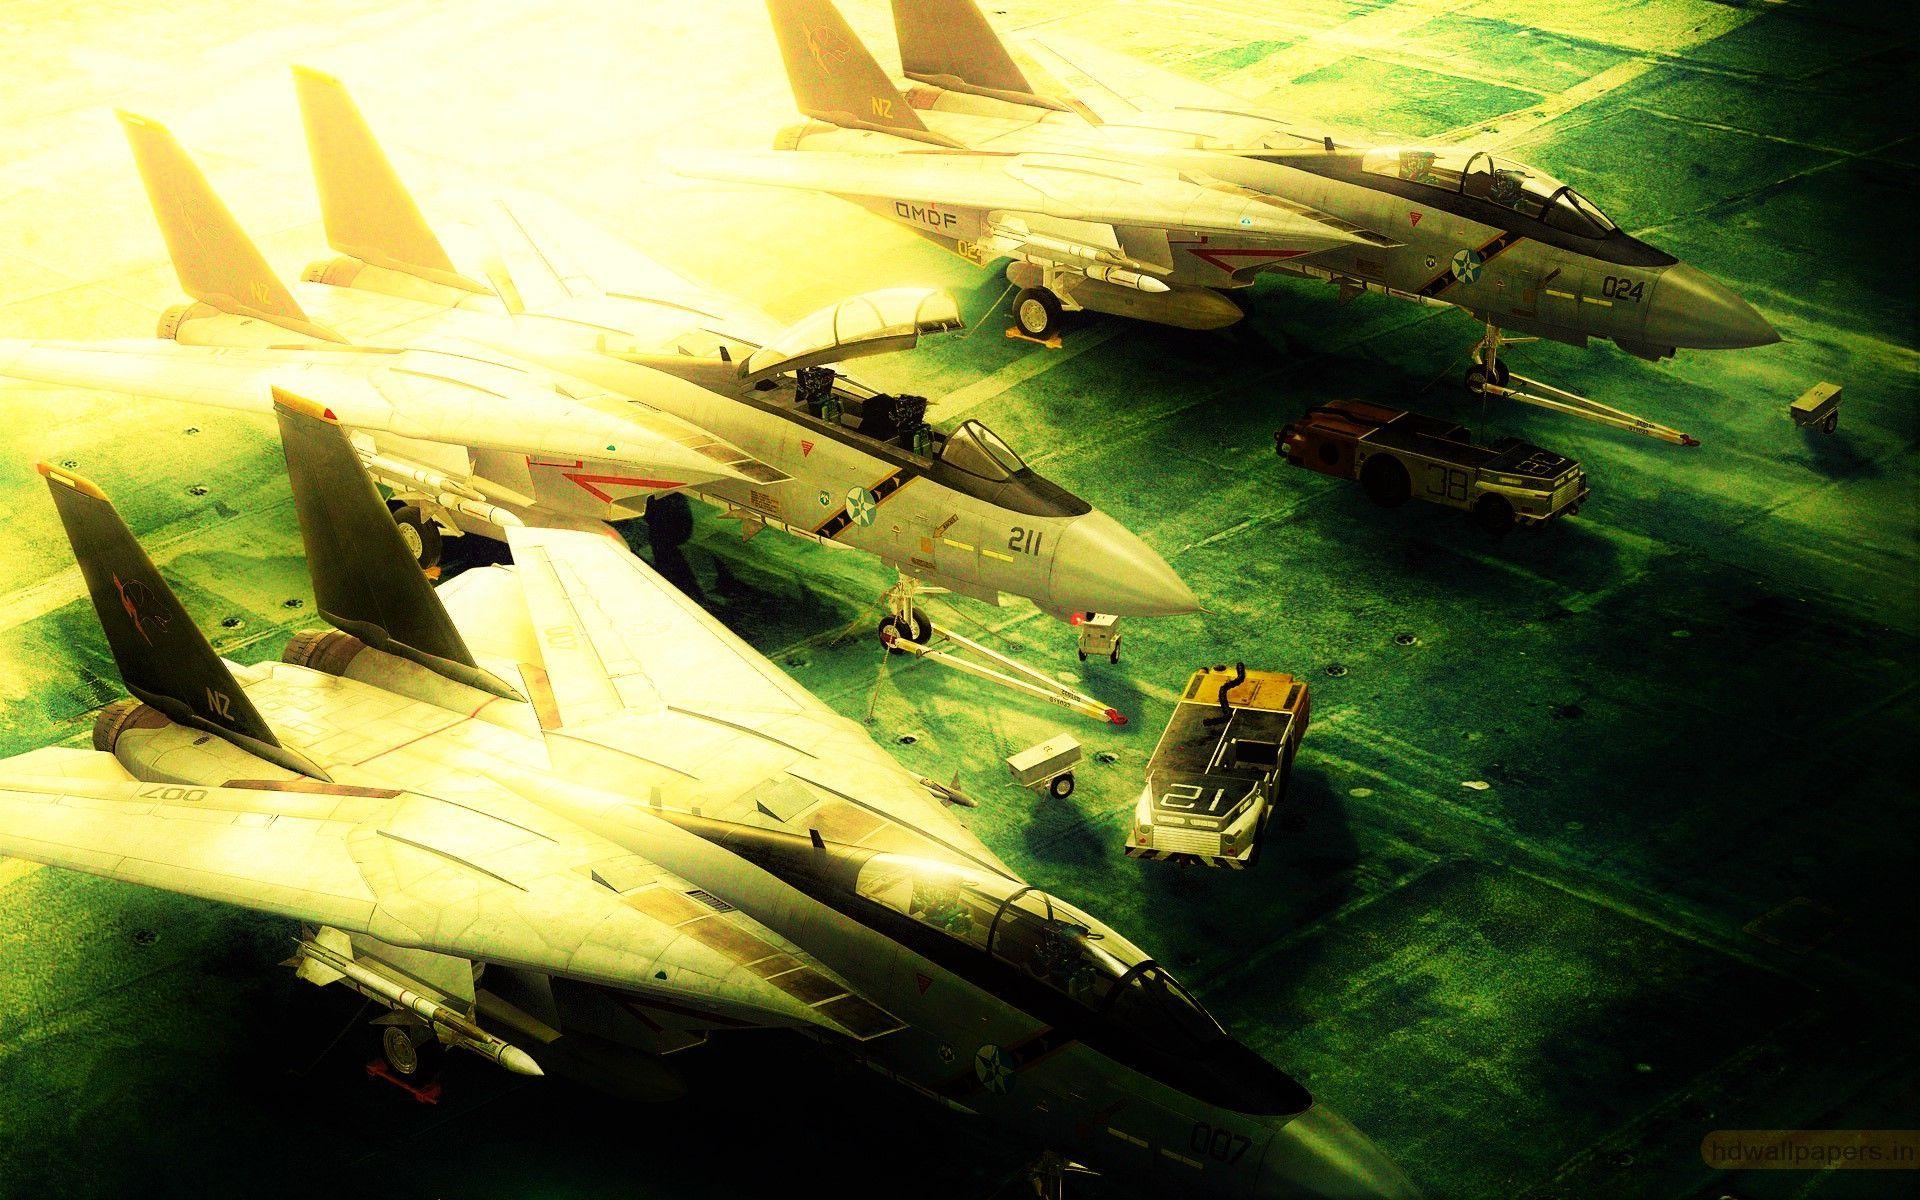 ¿Cuál de estos aviones te gustaría pilotar